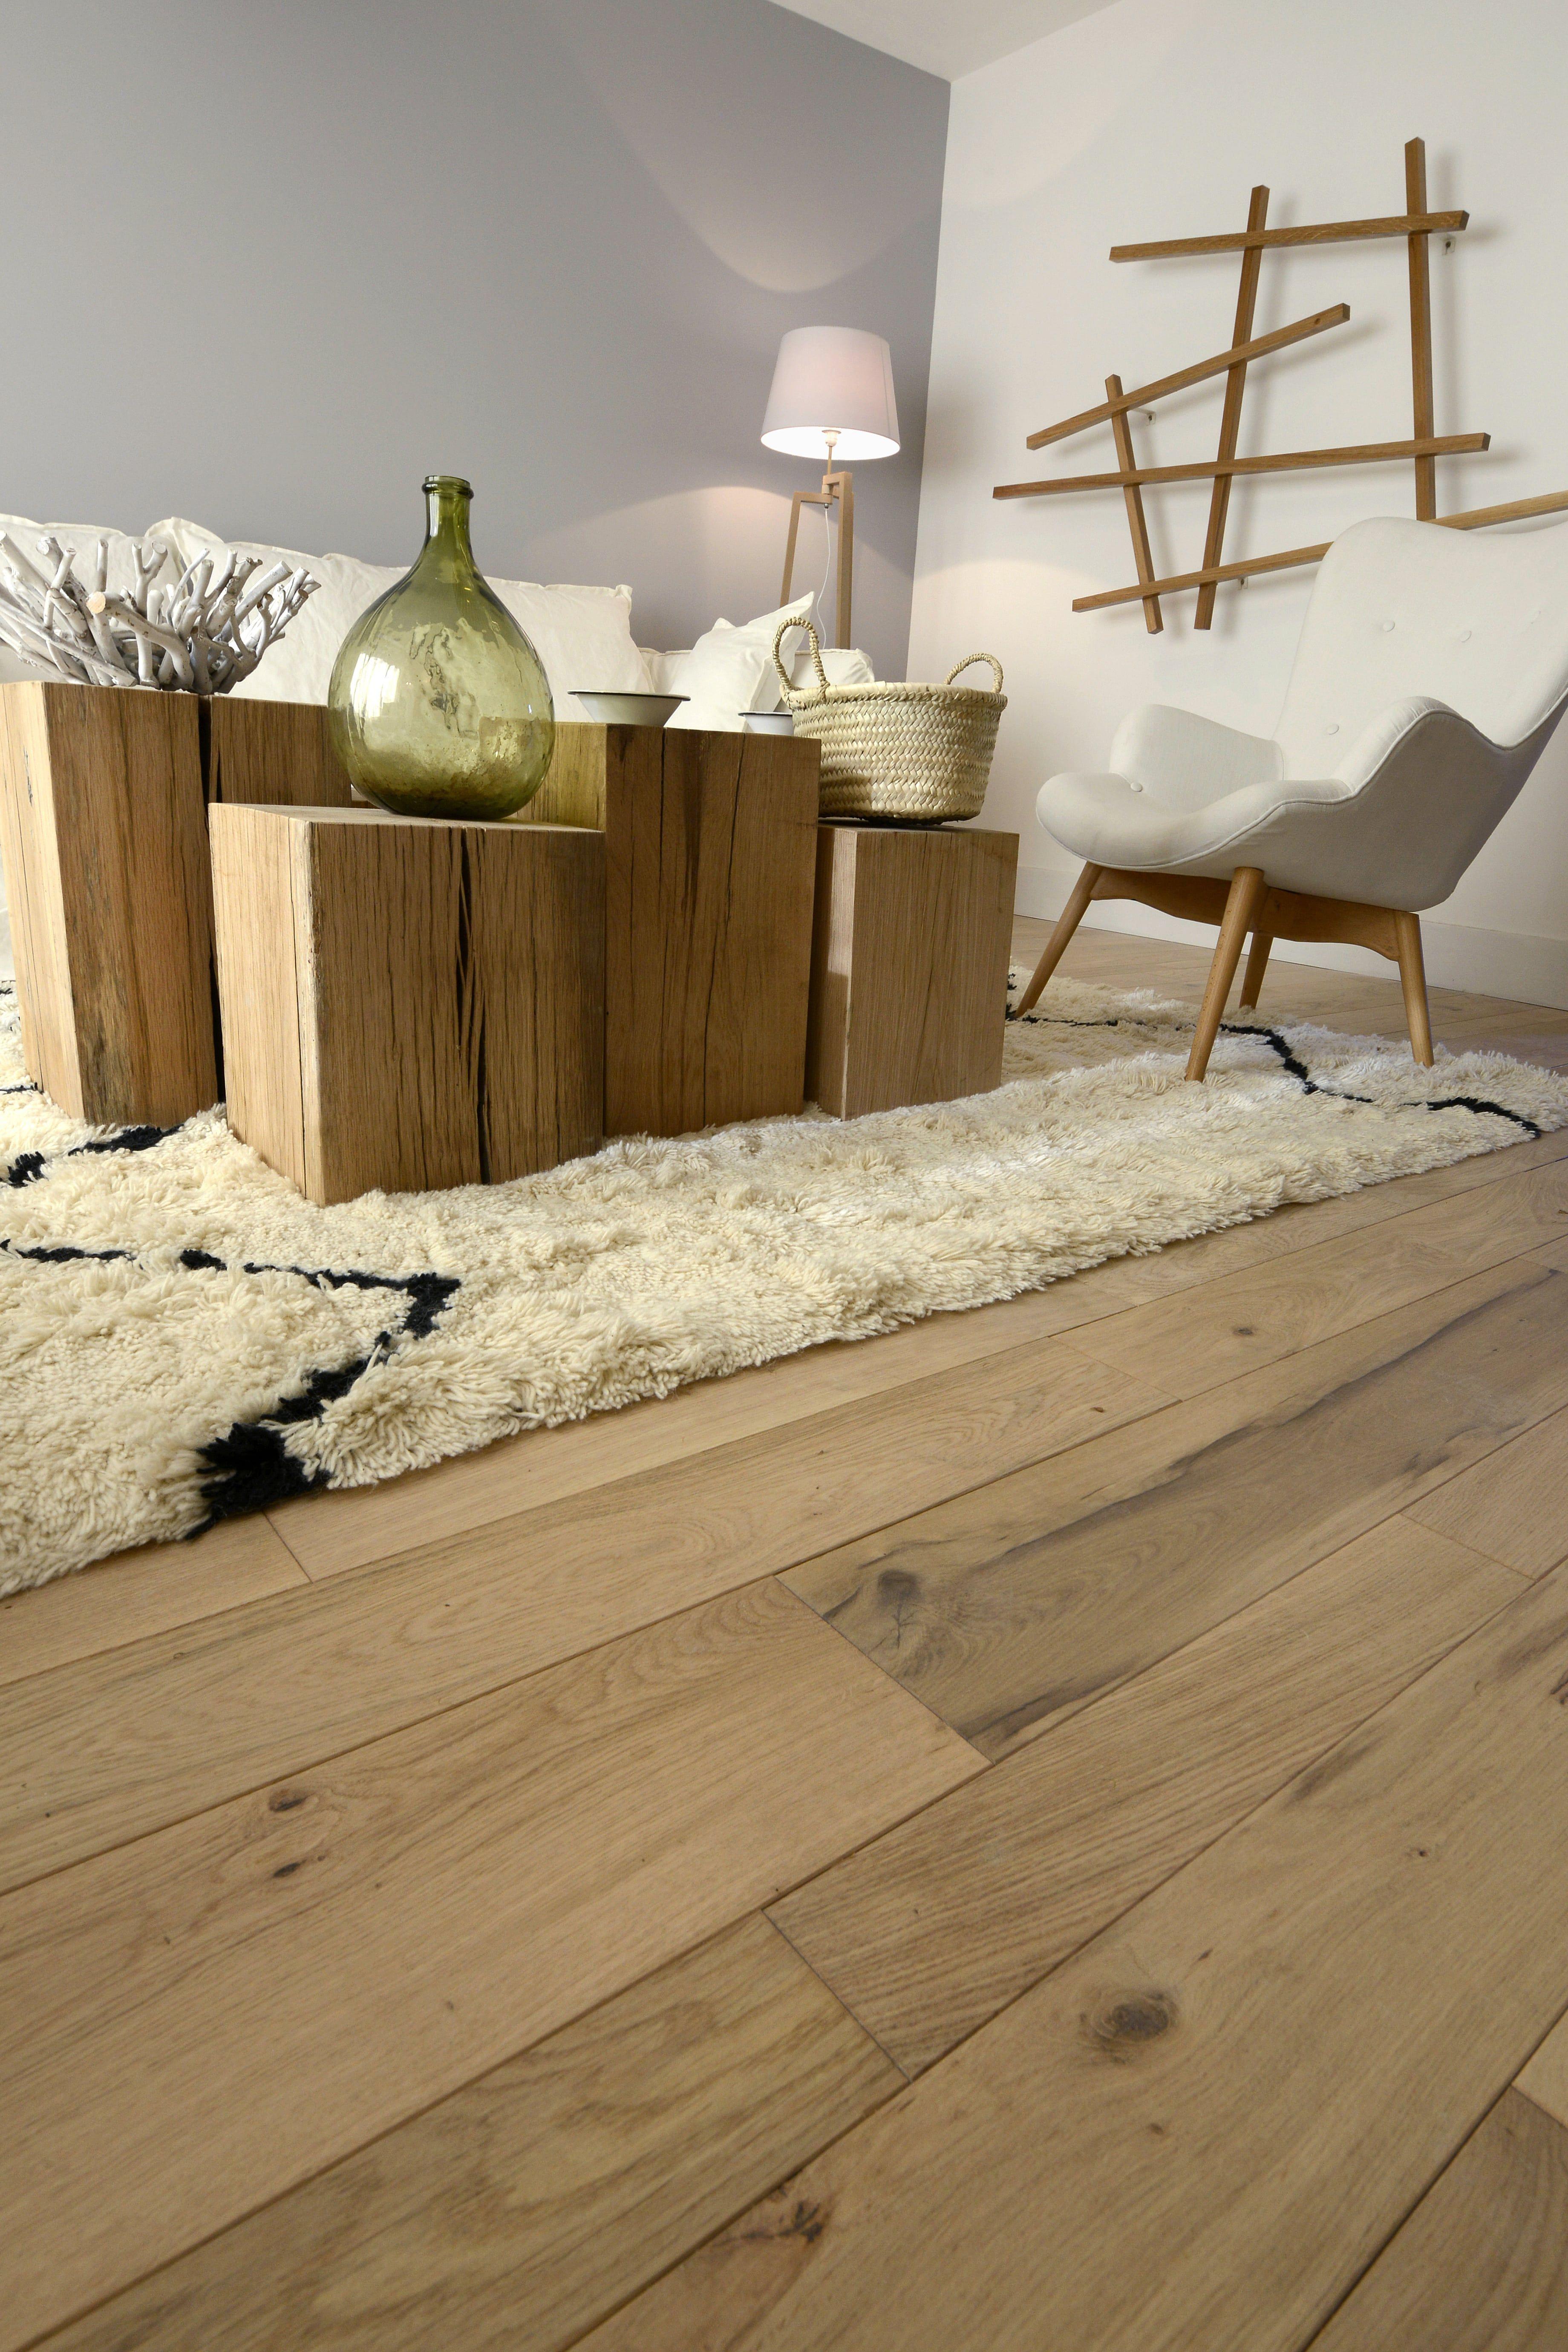 joli parquet en ch ne massif mix de trois largeurs diff rentes origine france garantie pefc. Black Bedroom Furniture Sets. Home Design Ideas